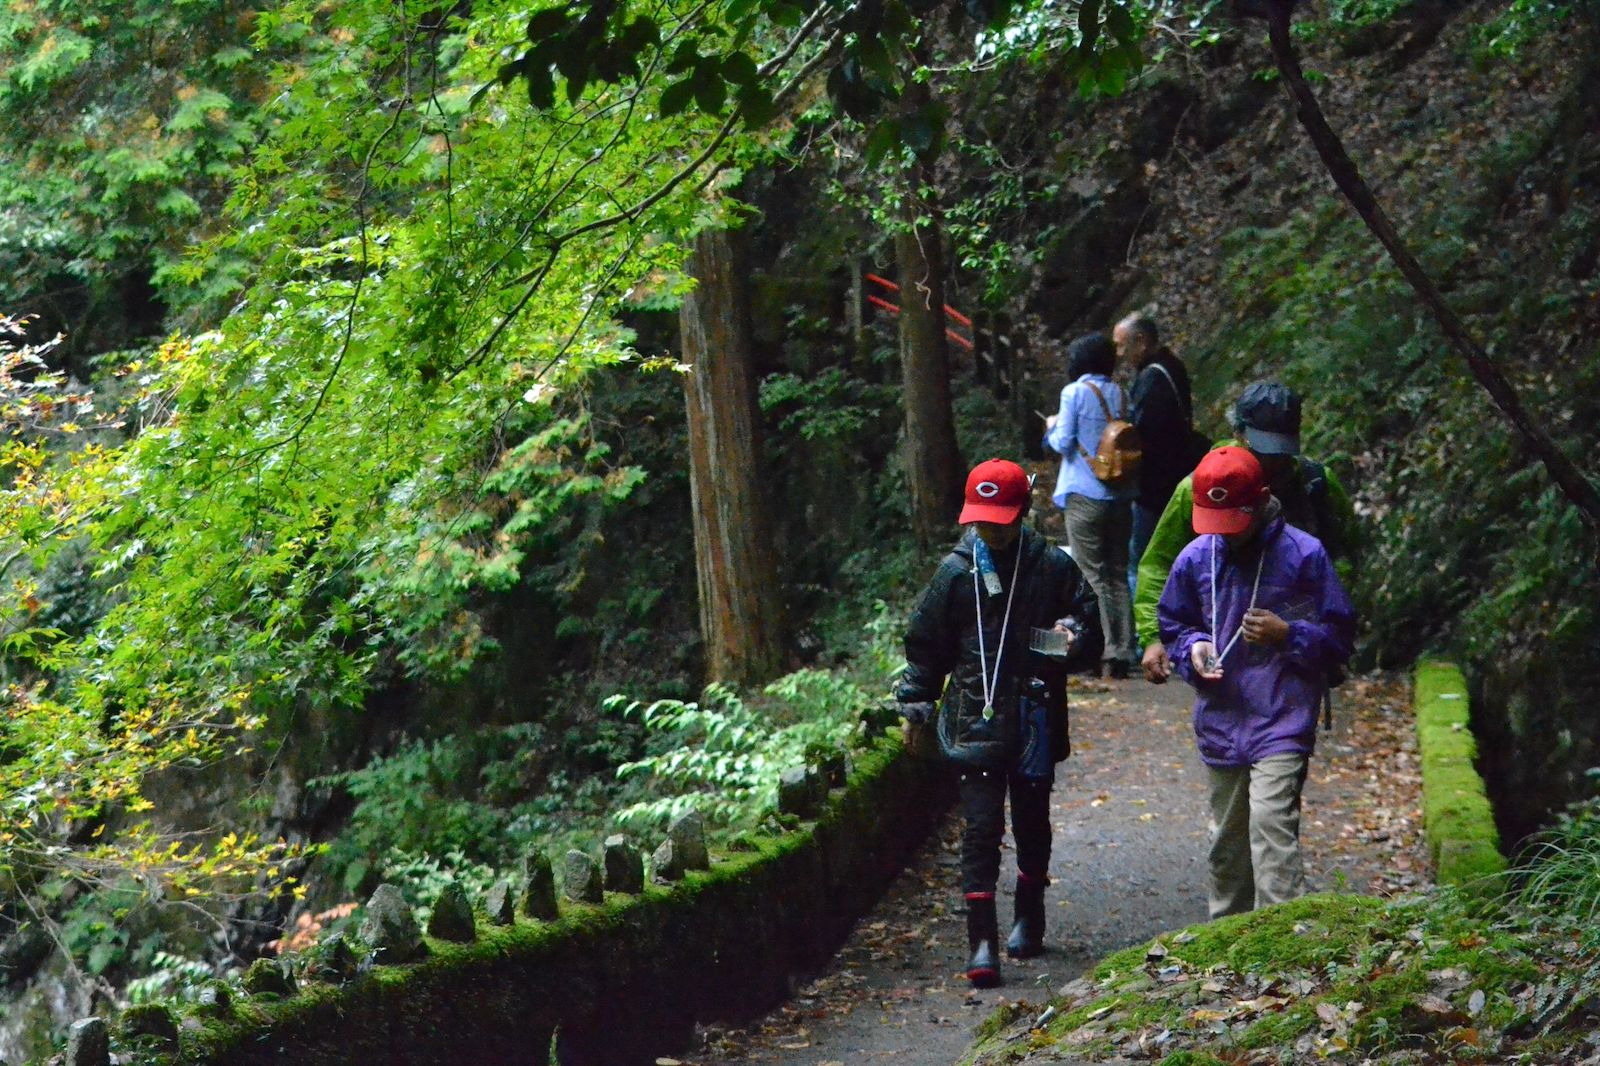 姉妹滝近くの探勝路。観察会帰りの小学生が歩いています。